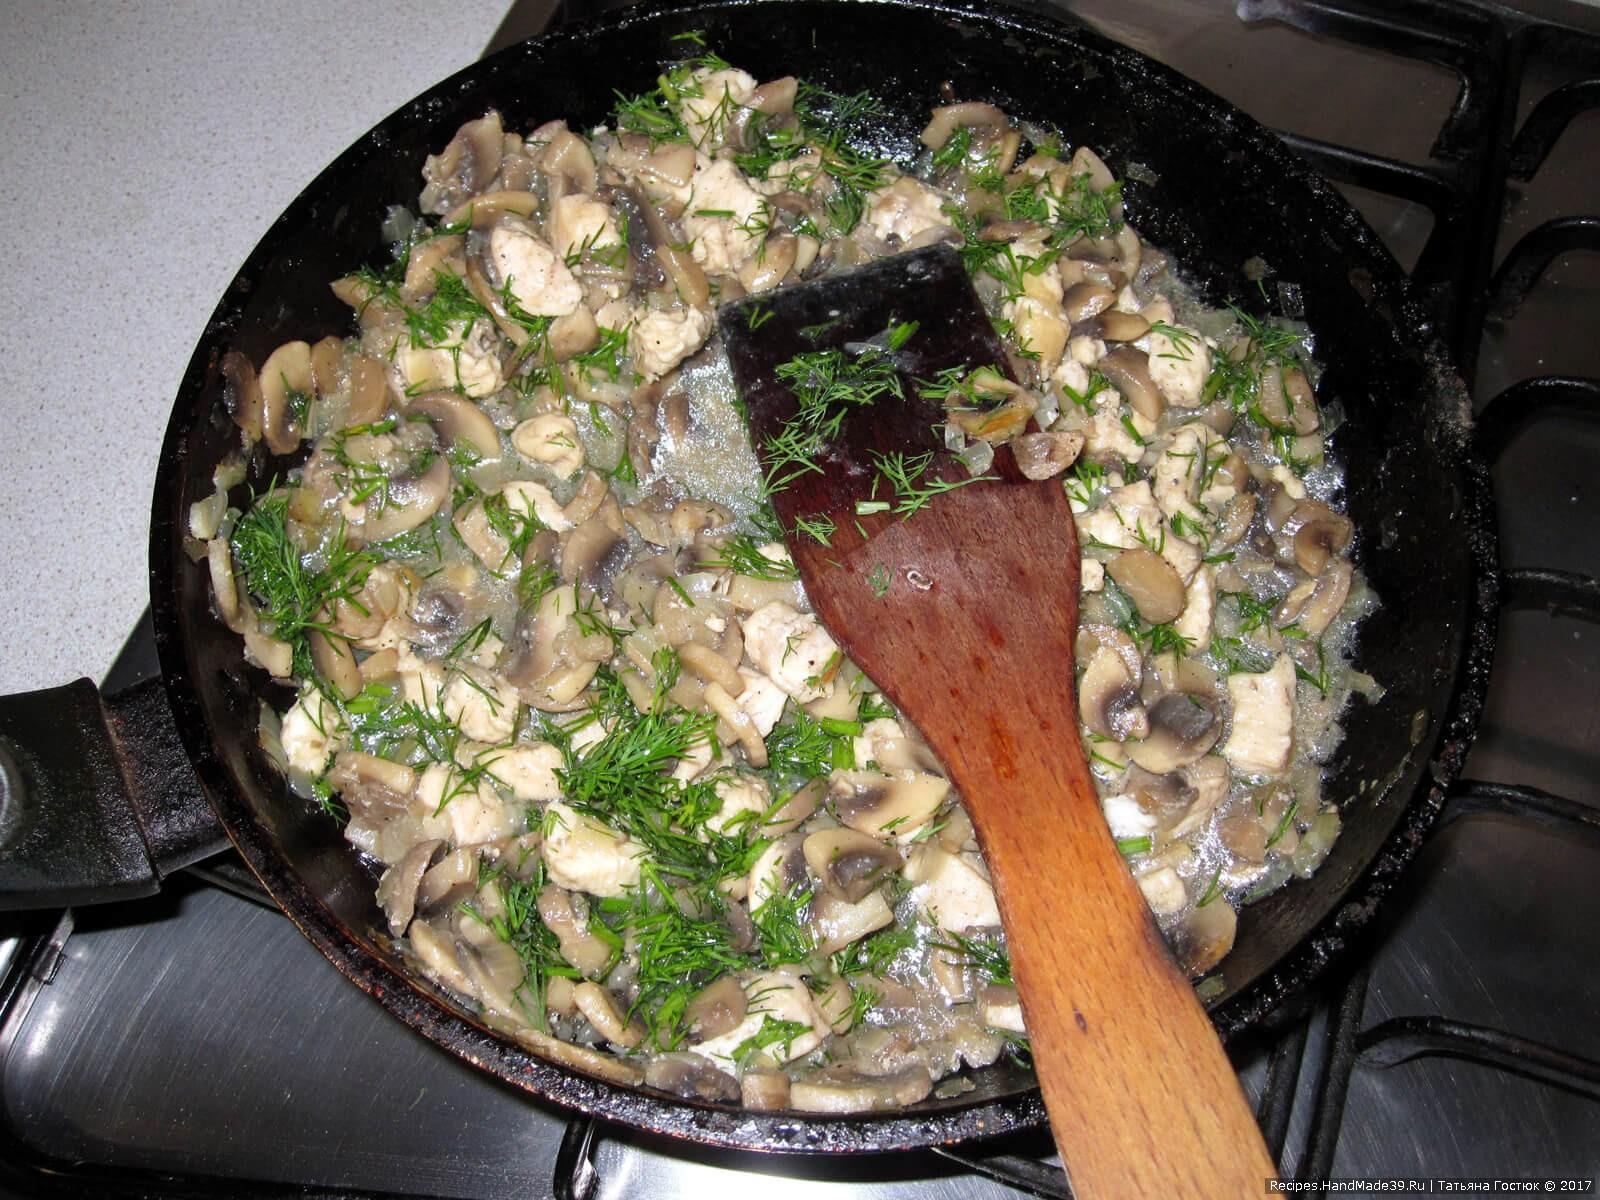 Отправляем филе к грибам, солим-перчим по вкусу, перемешиваем и накрываем крышкой. Томим на небольшом огне 5 минут – этого будет вполне достаточно, чтобы мясо протушилось